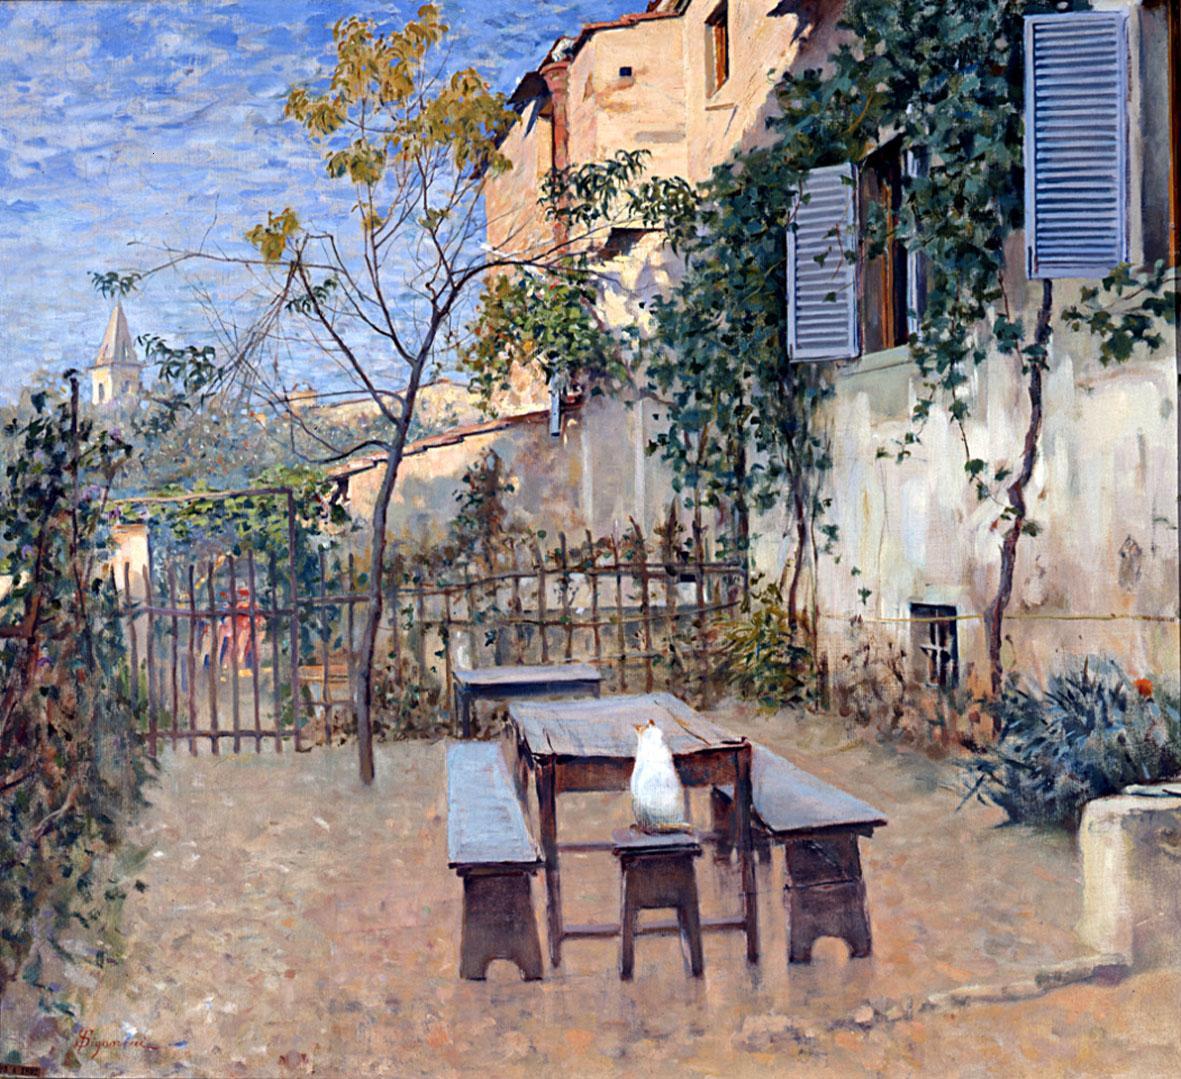 Telemaco Signorini (1835-1901)